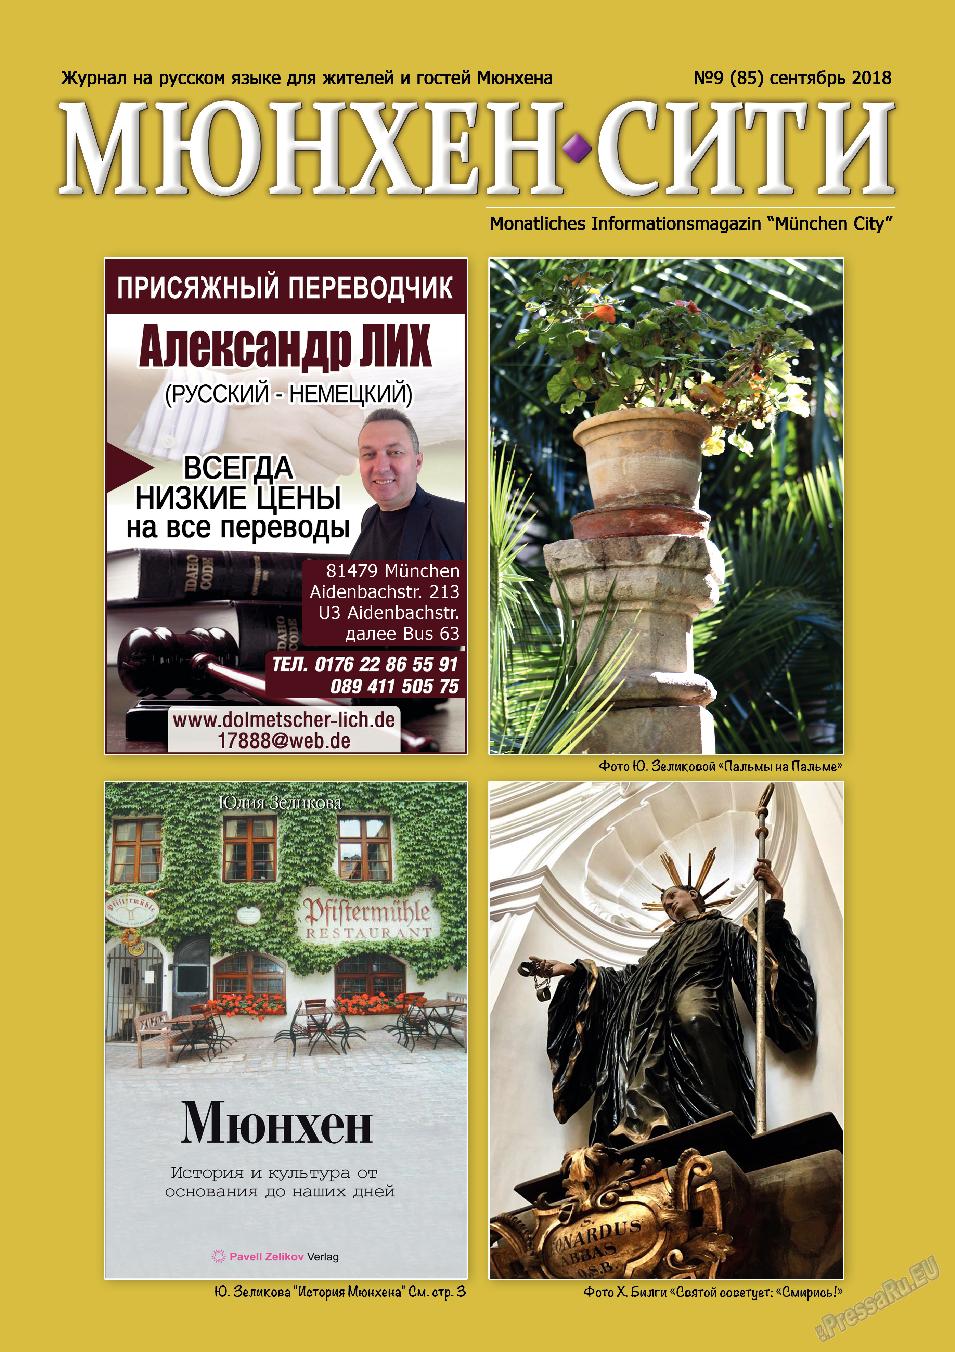 Мюнхен-сити (журнал). 2018 год, номер 9, стр. 1